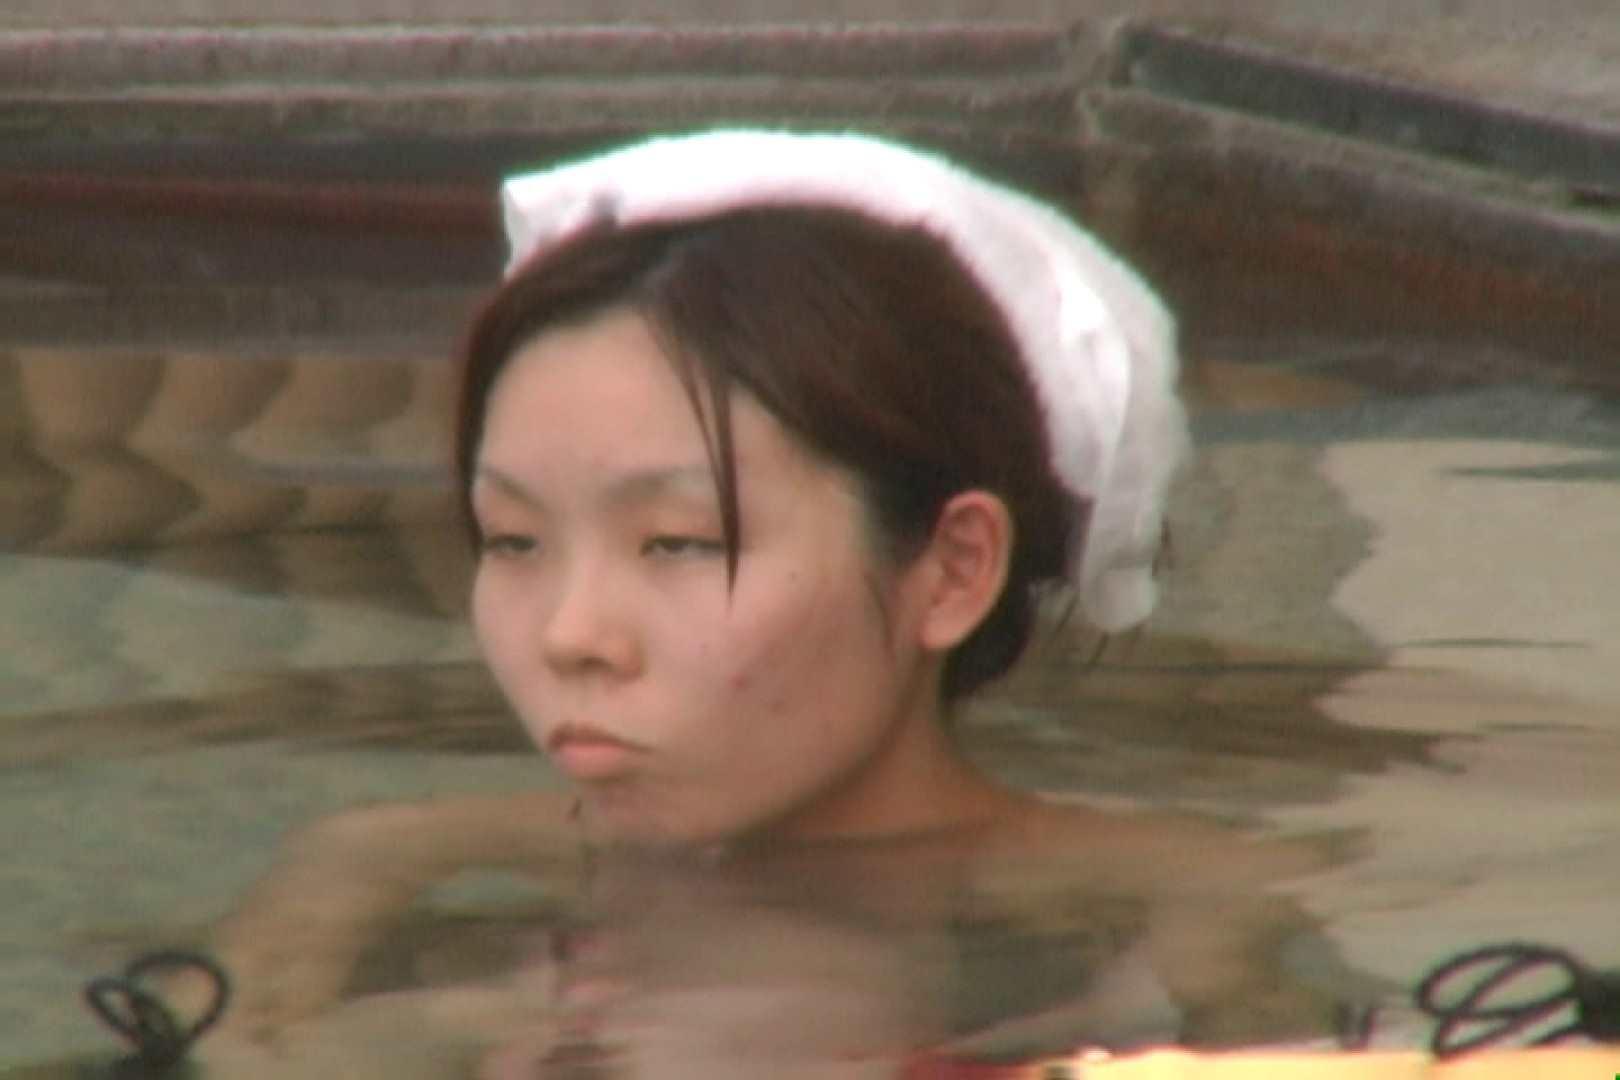 Aquaな露天風呂Vol.580 盗撮師作品 | 美しいOLの裸体  98pic 85